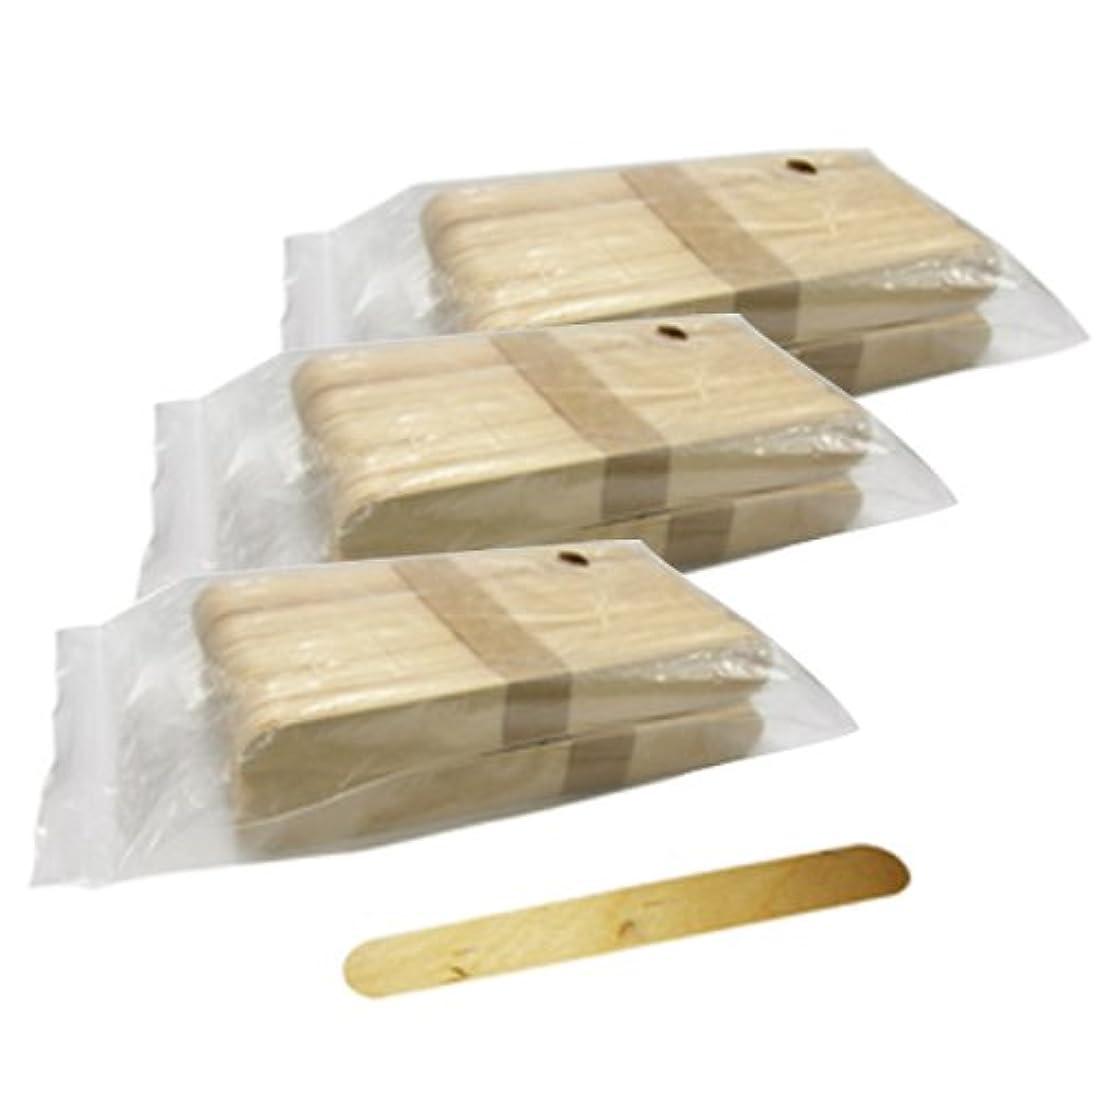 流すどっちでも公爵使い捨て【木ベラ/ウッドスパチュラ】(業務用100枚入り) × 3袋セット(計300枚)/WAX脱毛等や舌厚子にも …